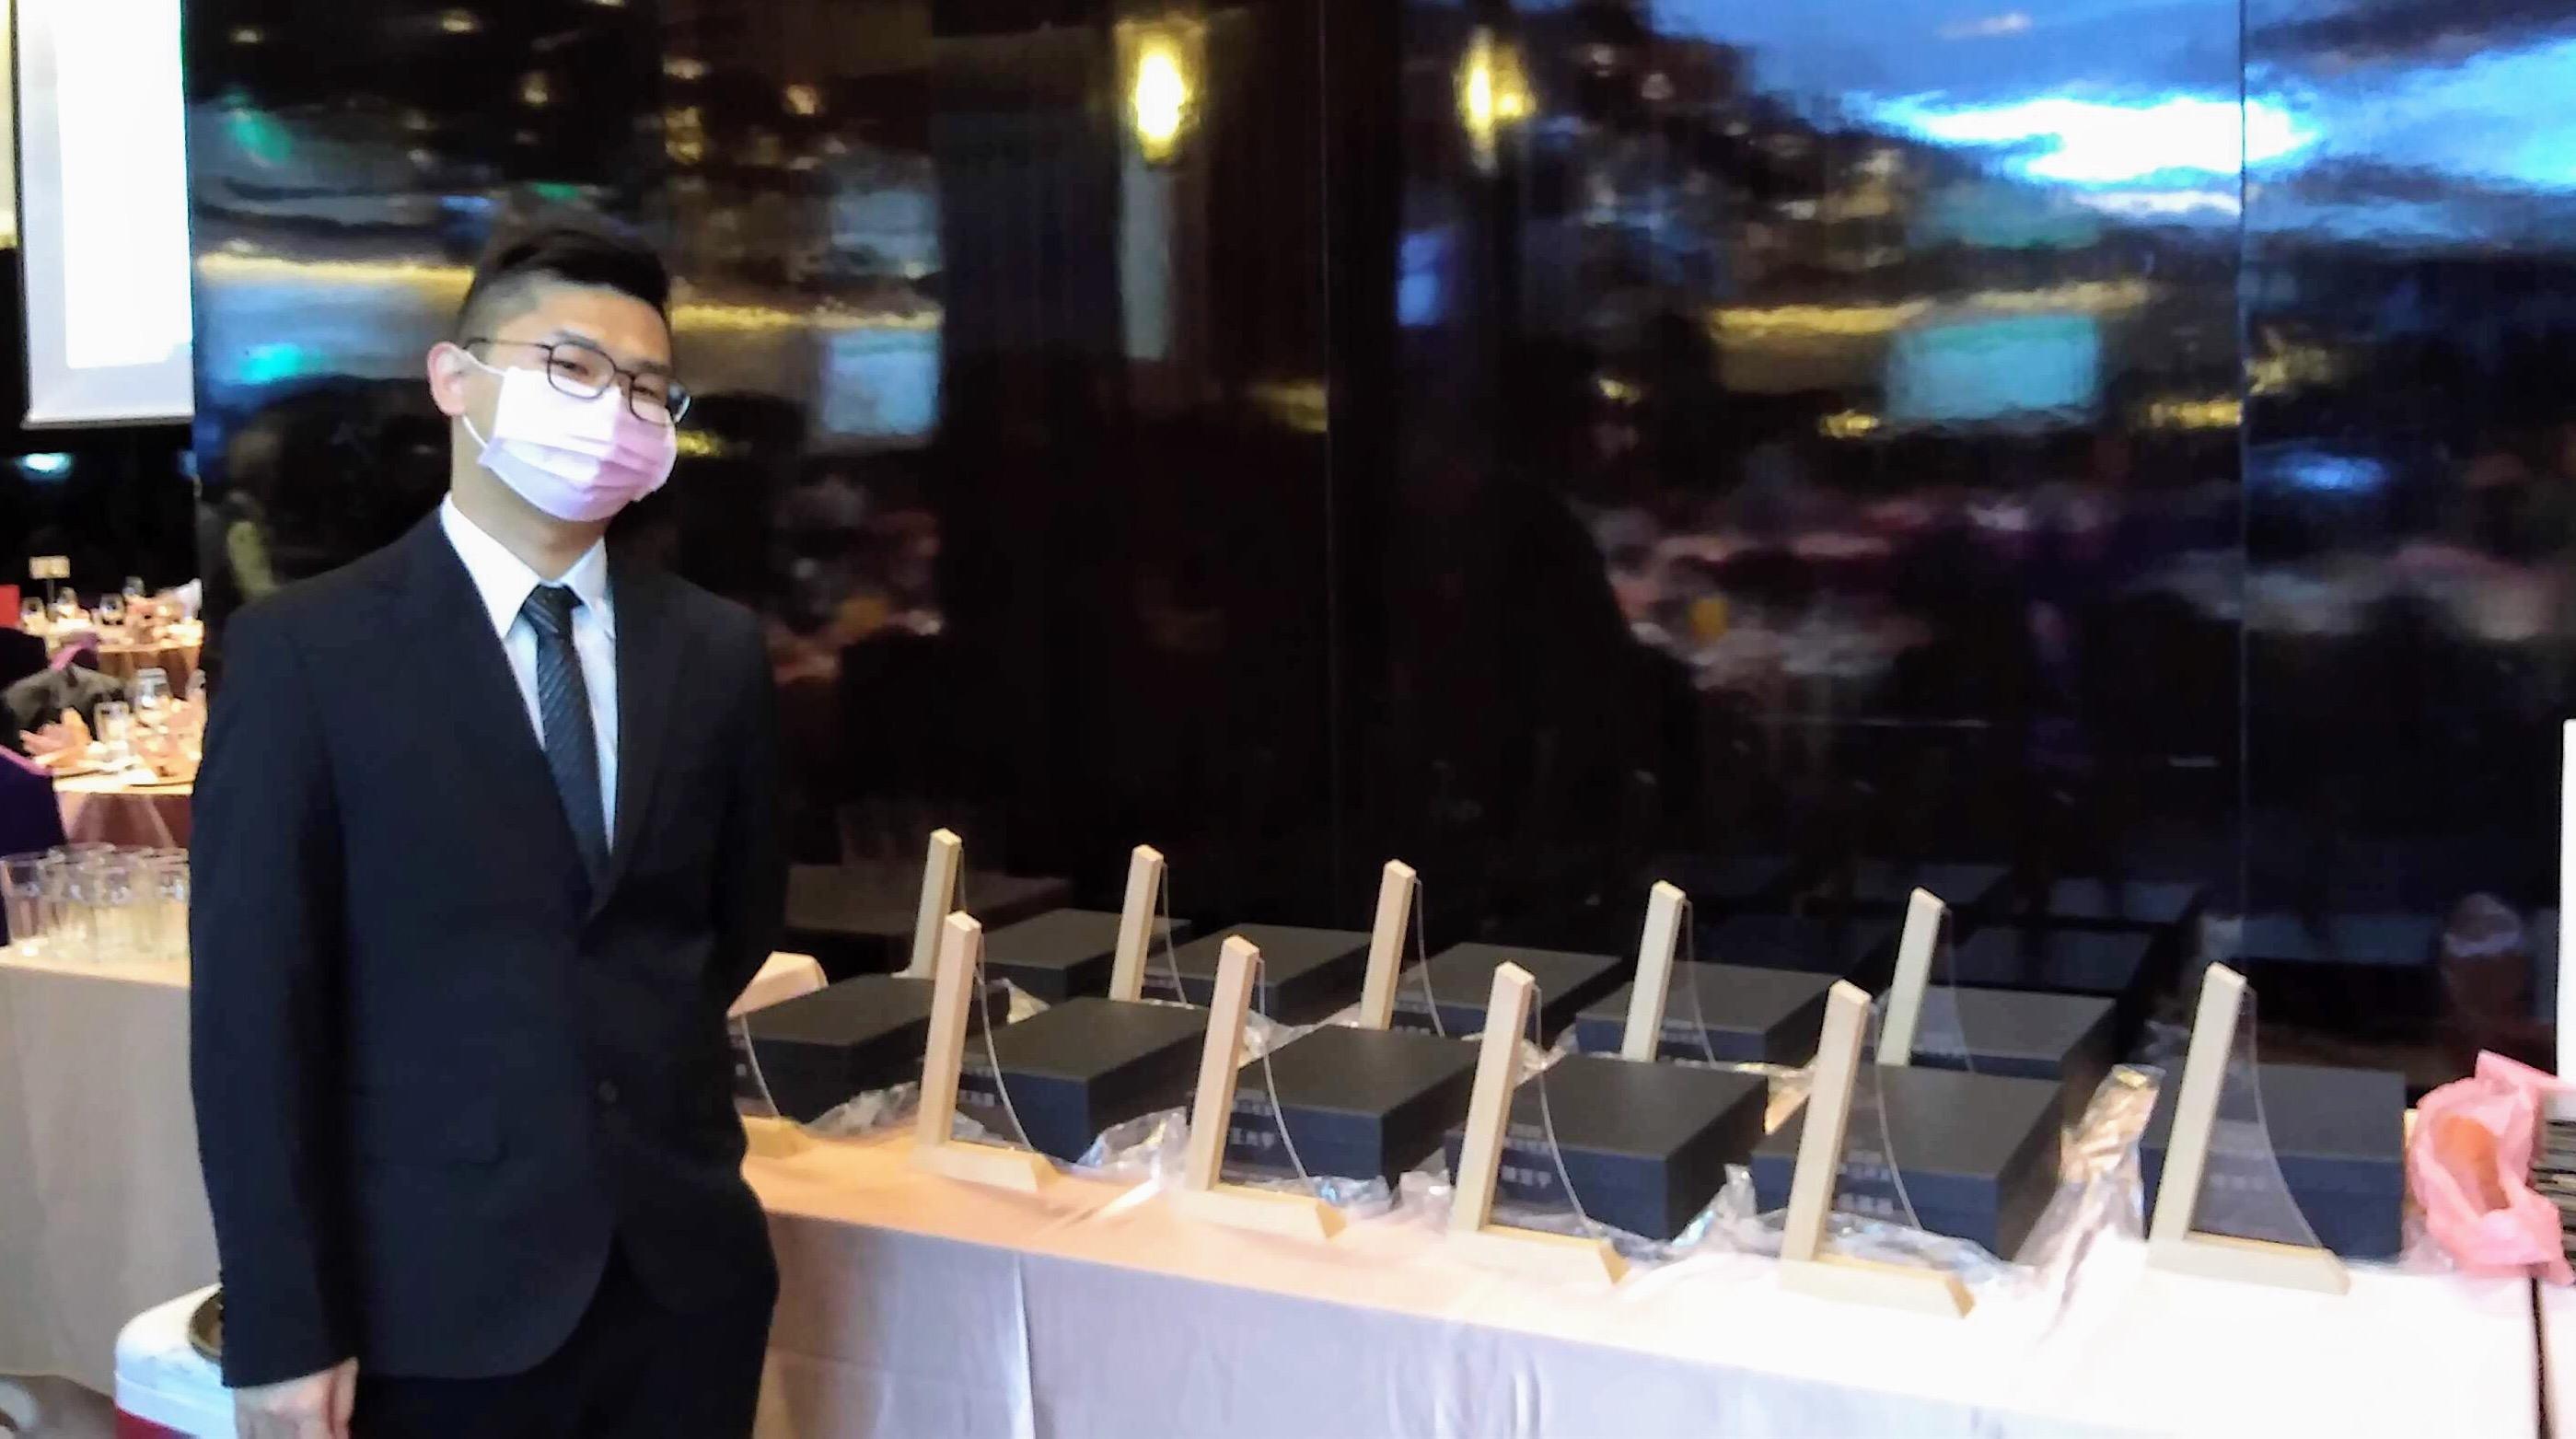 參與傑出校友獎盃設計 聖約翰科大學子木藝作品受青睞-木藝獎